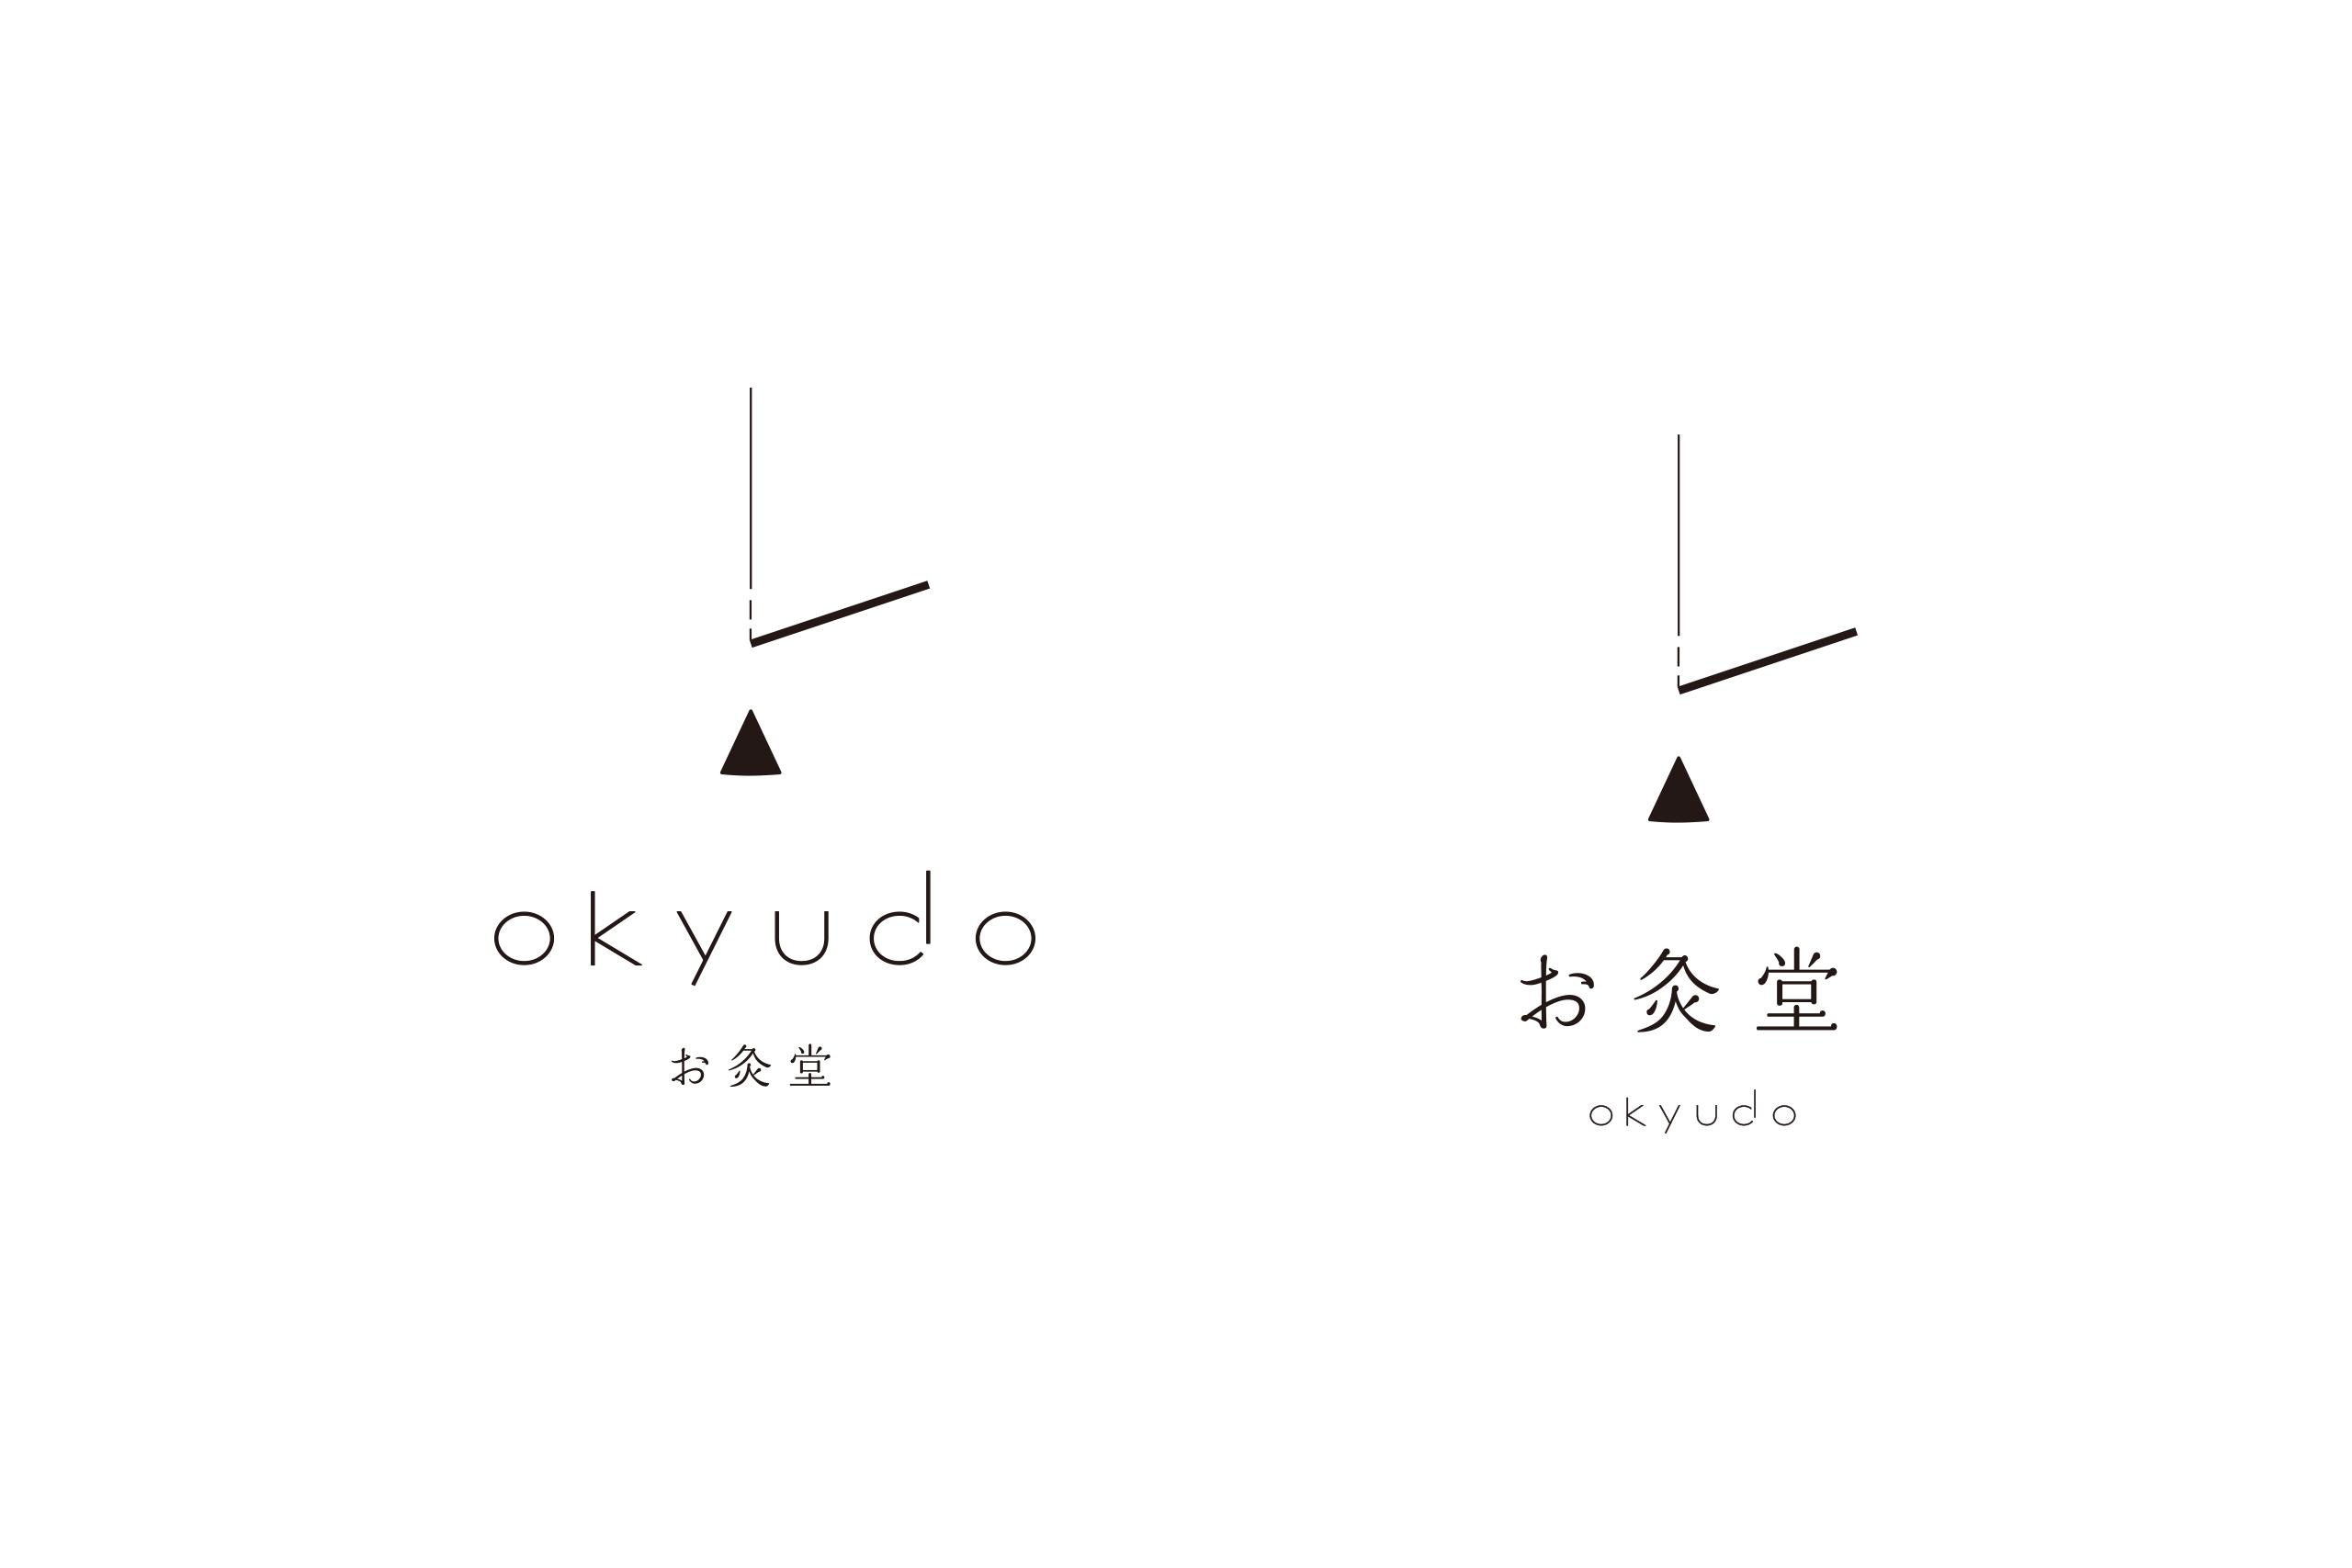 okyudo